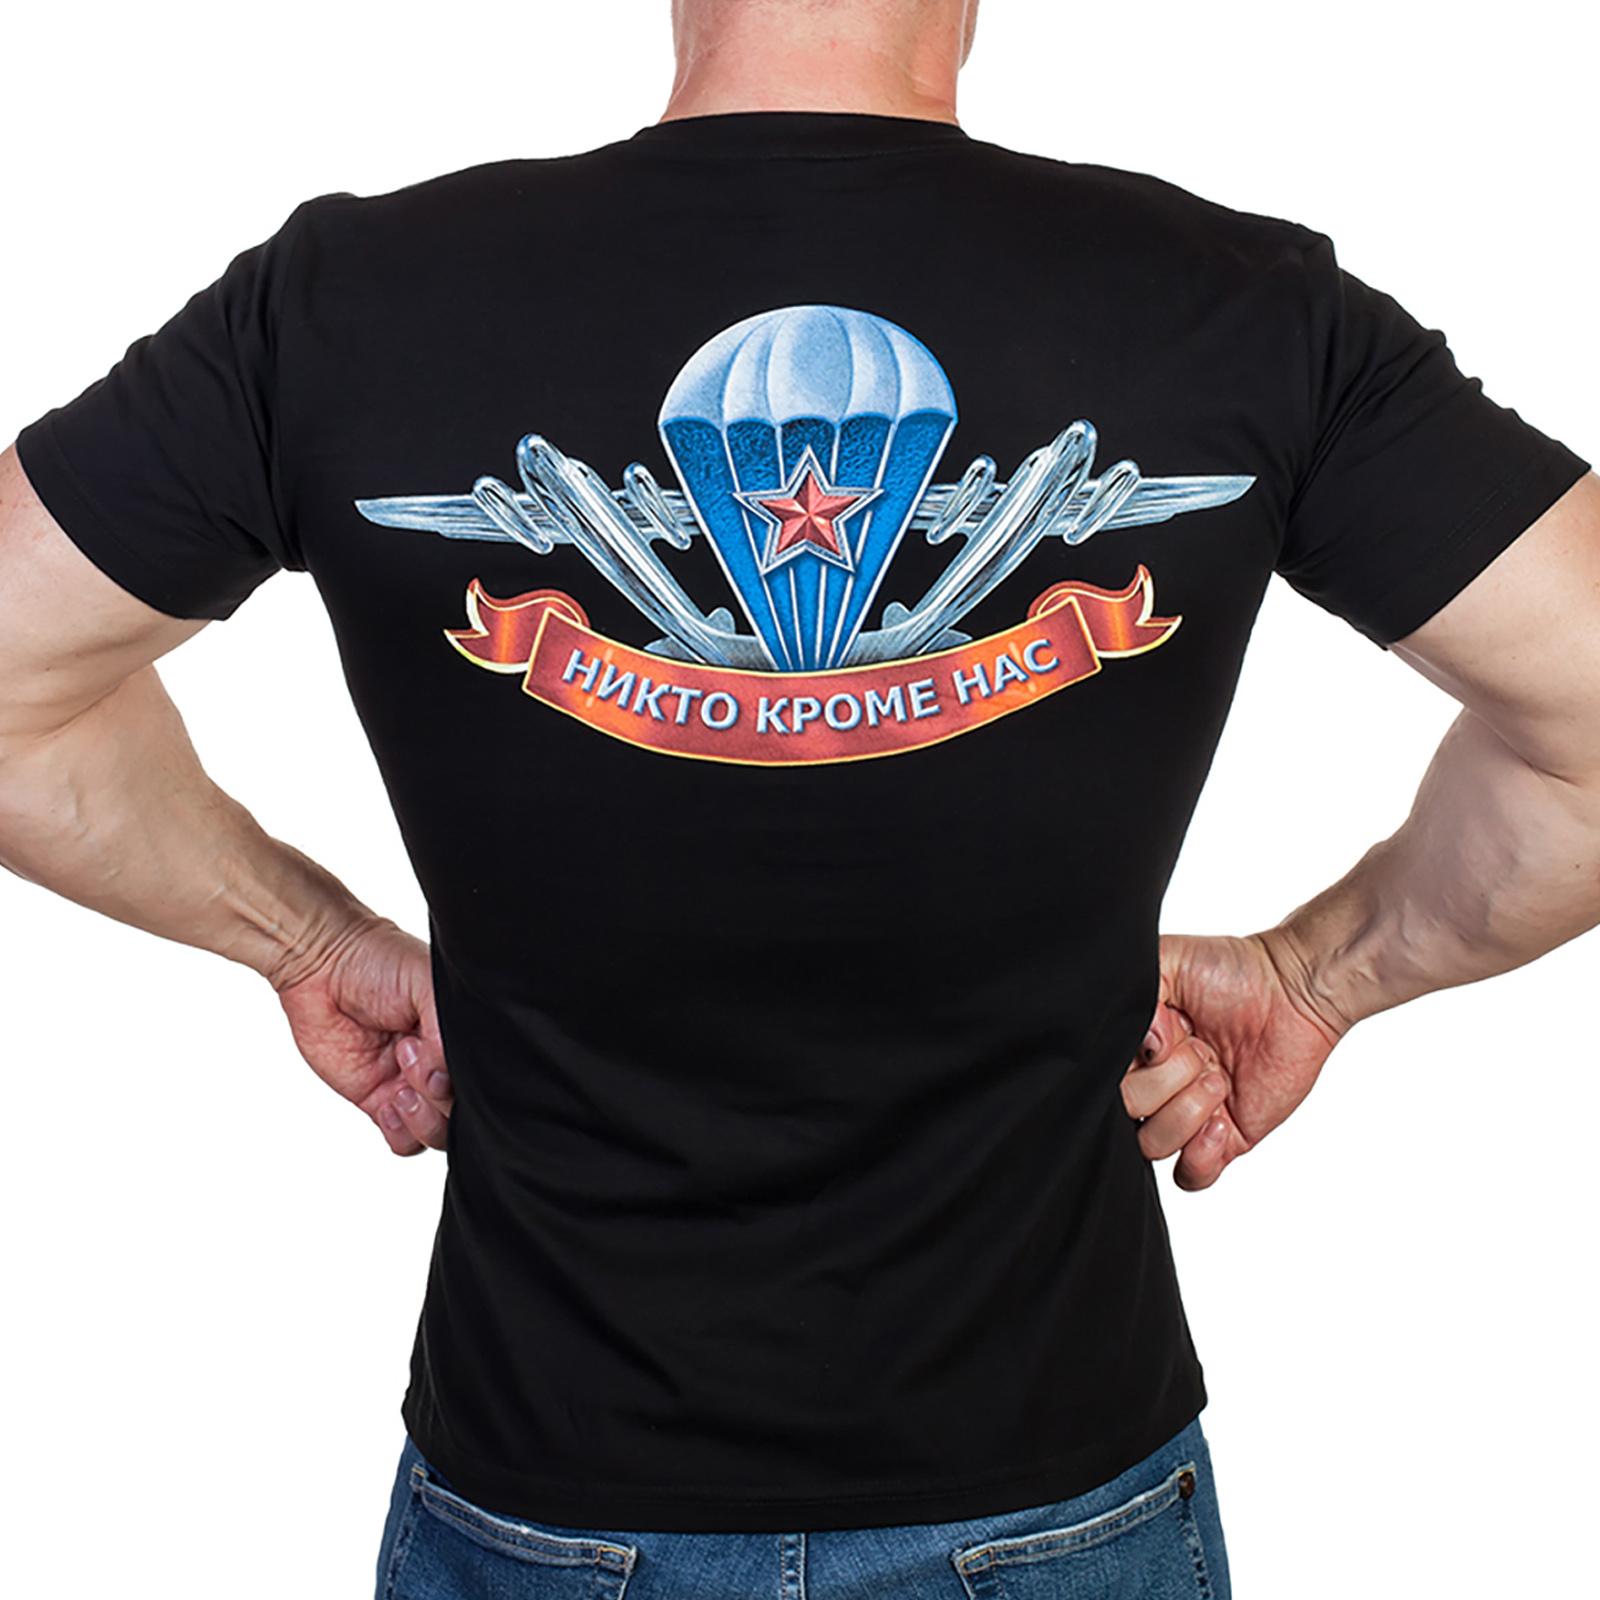 Недорогие футболки с символикой ВДВ – есть все размеры